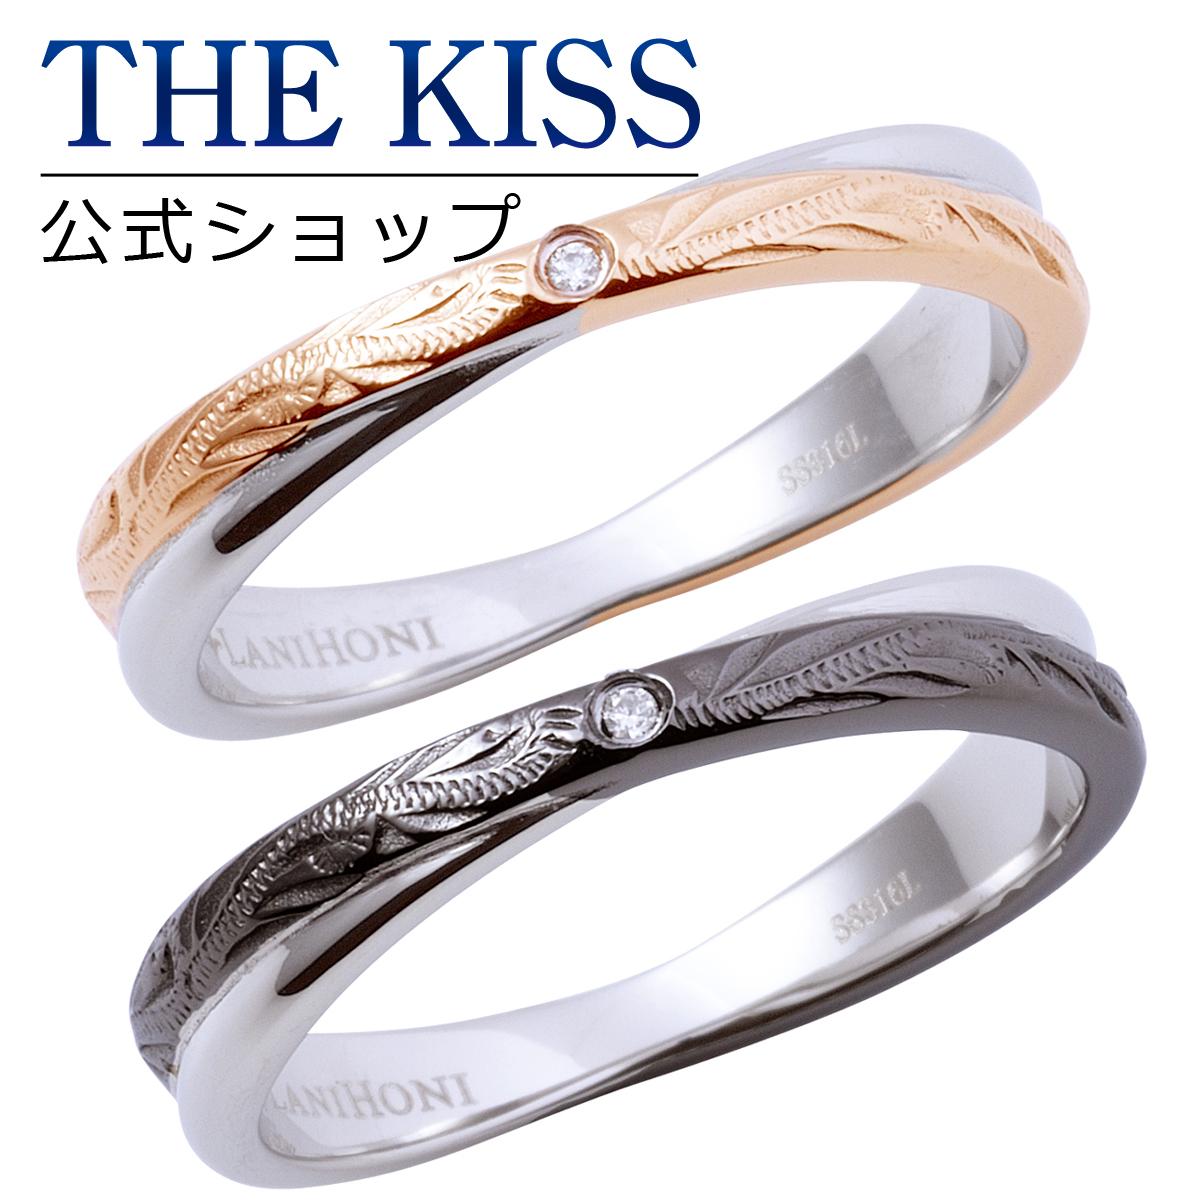 【あす楽対応】THE KISS 公式サイト ステンレス ハワイアン ペアリング ペアアクセサリー カップル に 人気 の ジュエリーブランド THEKISS ペア リング・指輪 記念日 プレゼント L-R8027DM-8028DM セット シンプル ザキス 【送料無料】